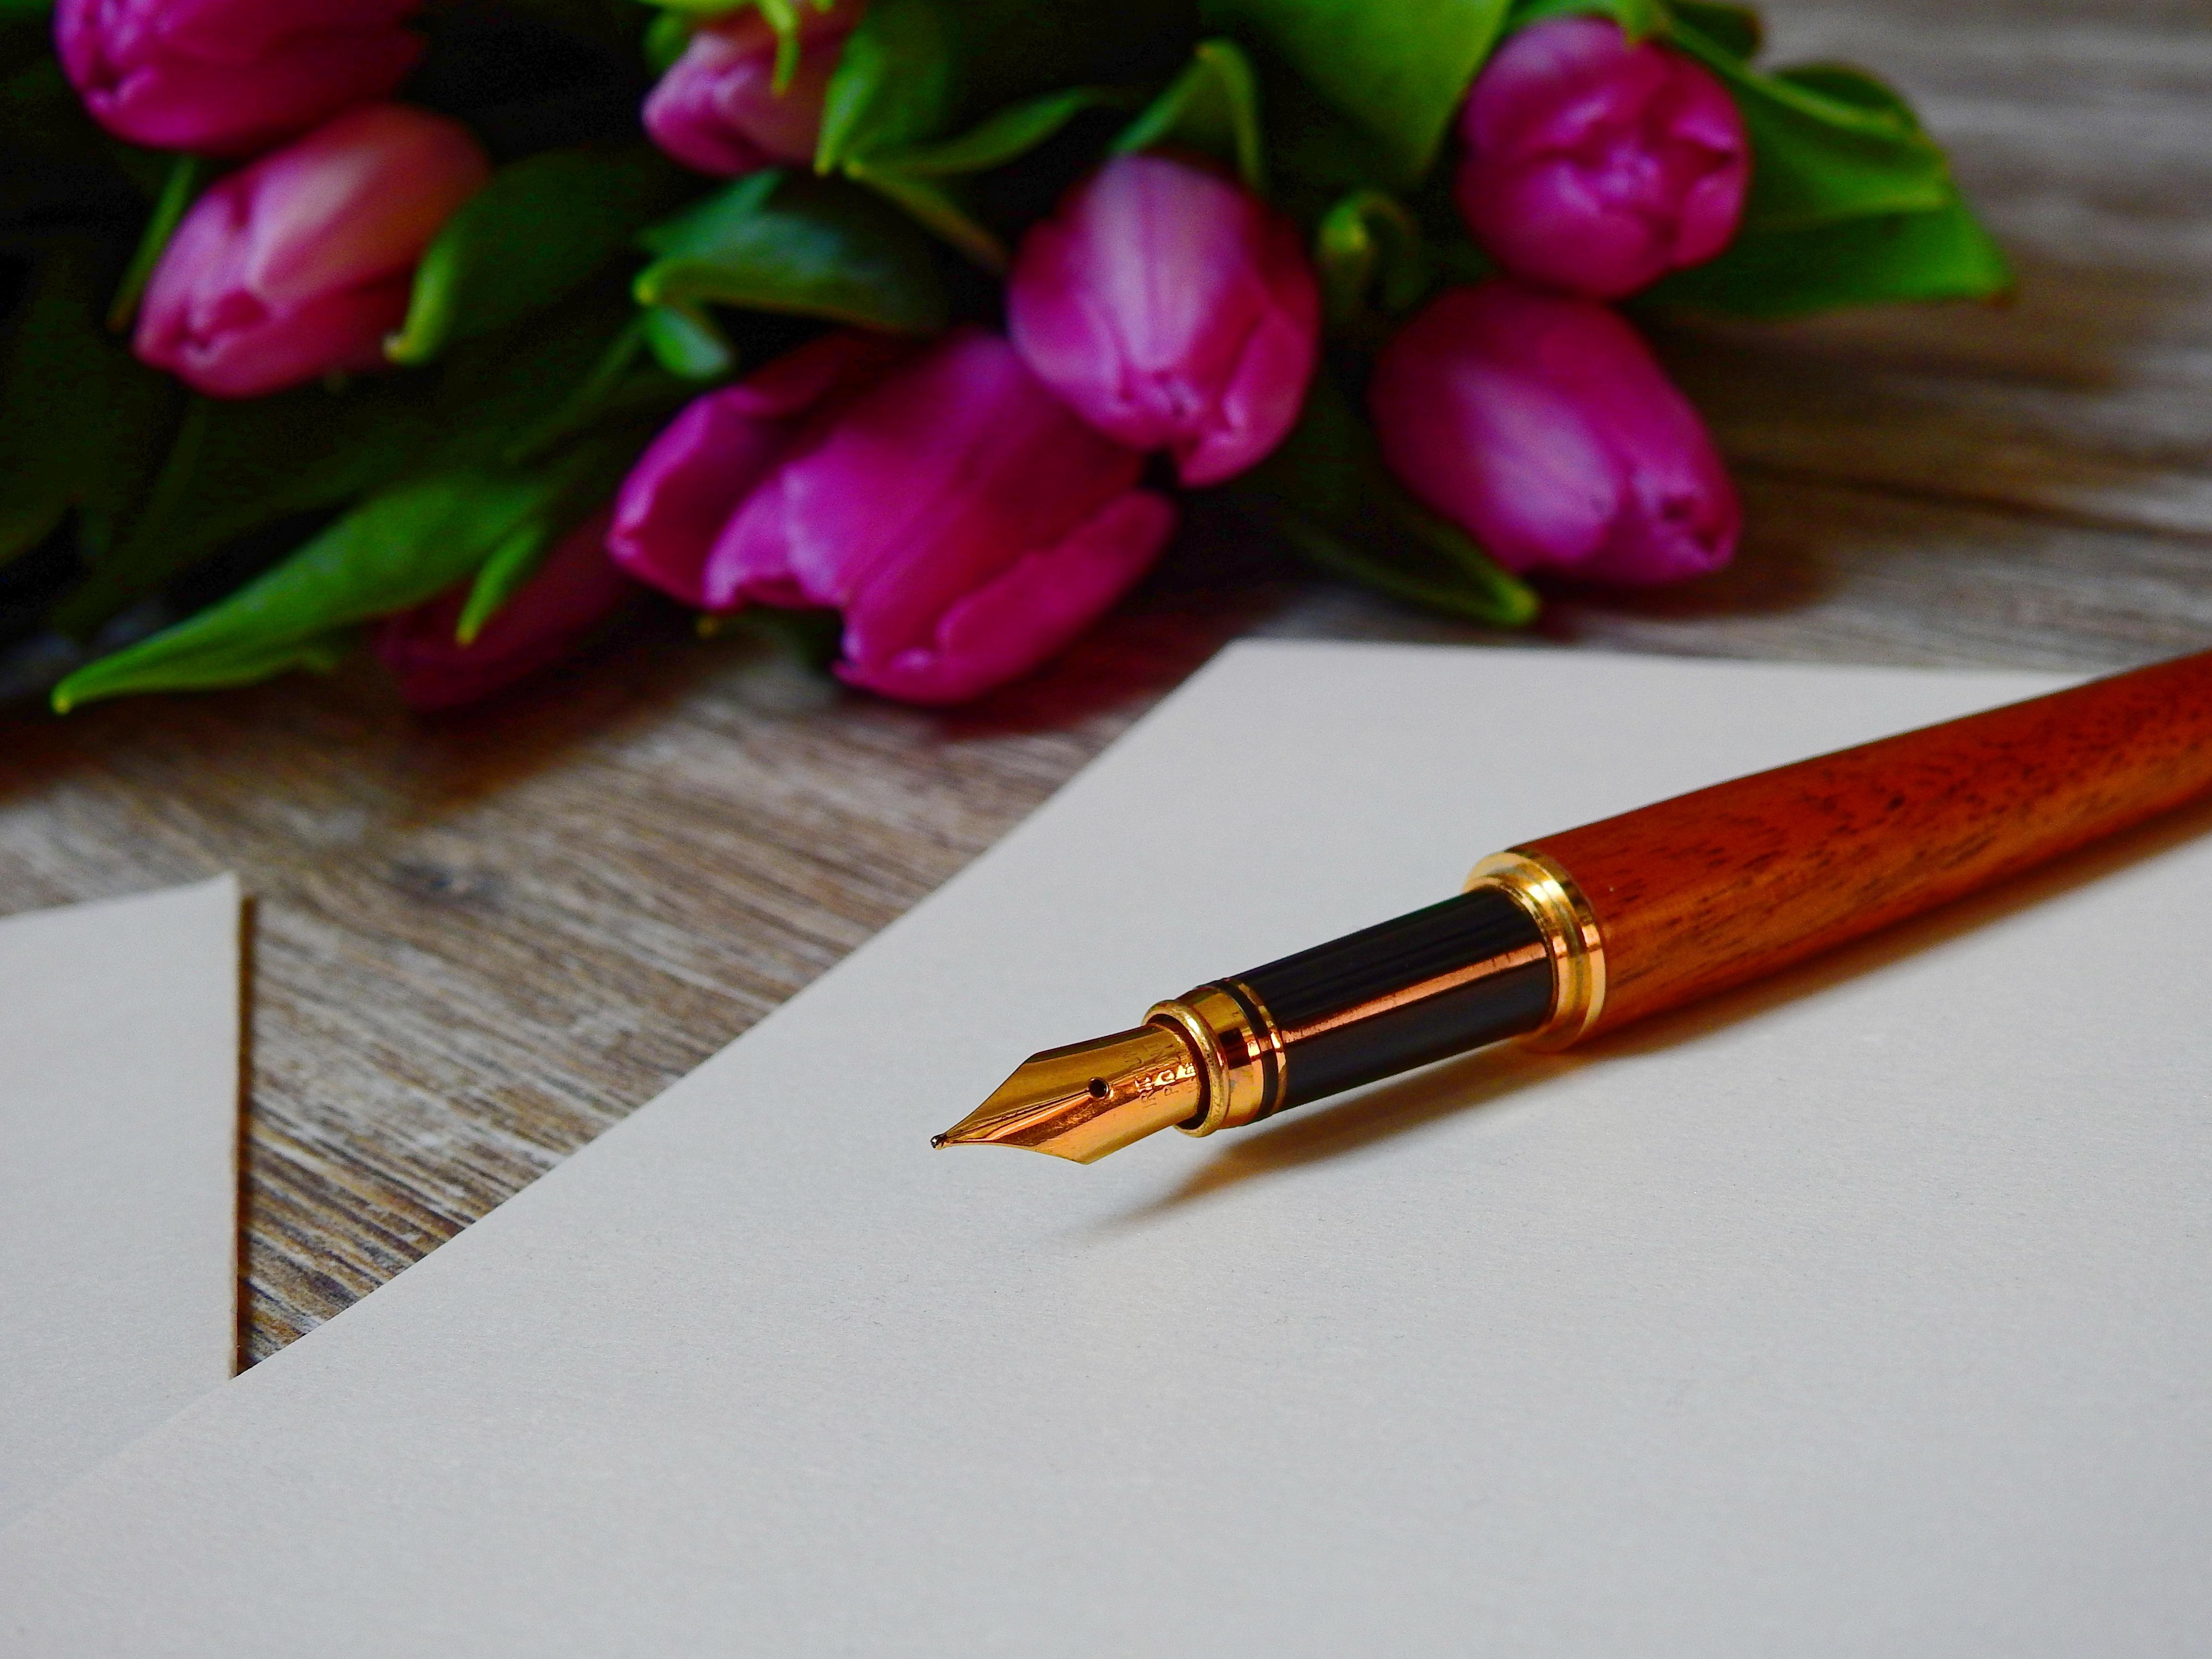 ручка не пишет на открытке уже